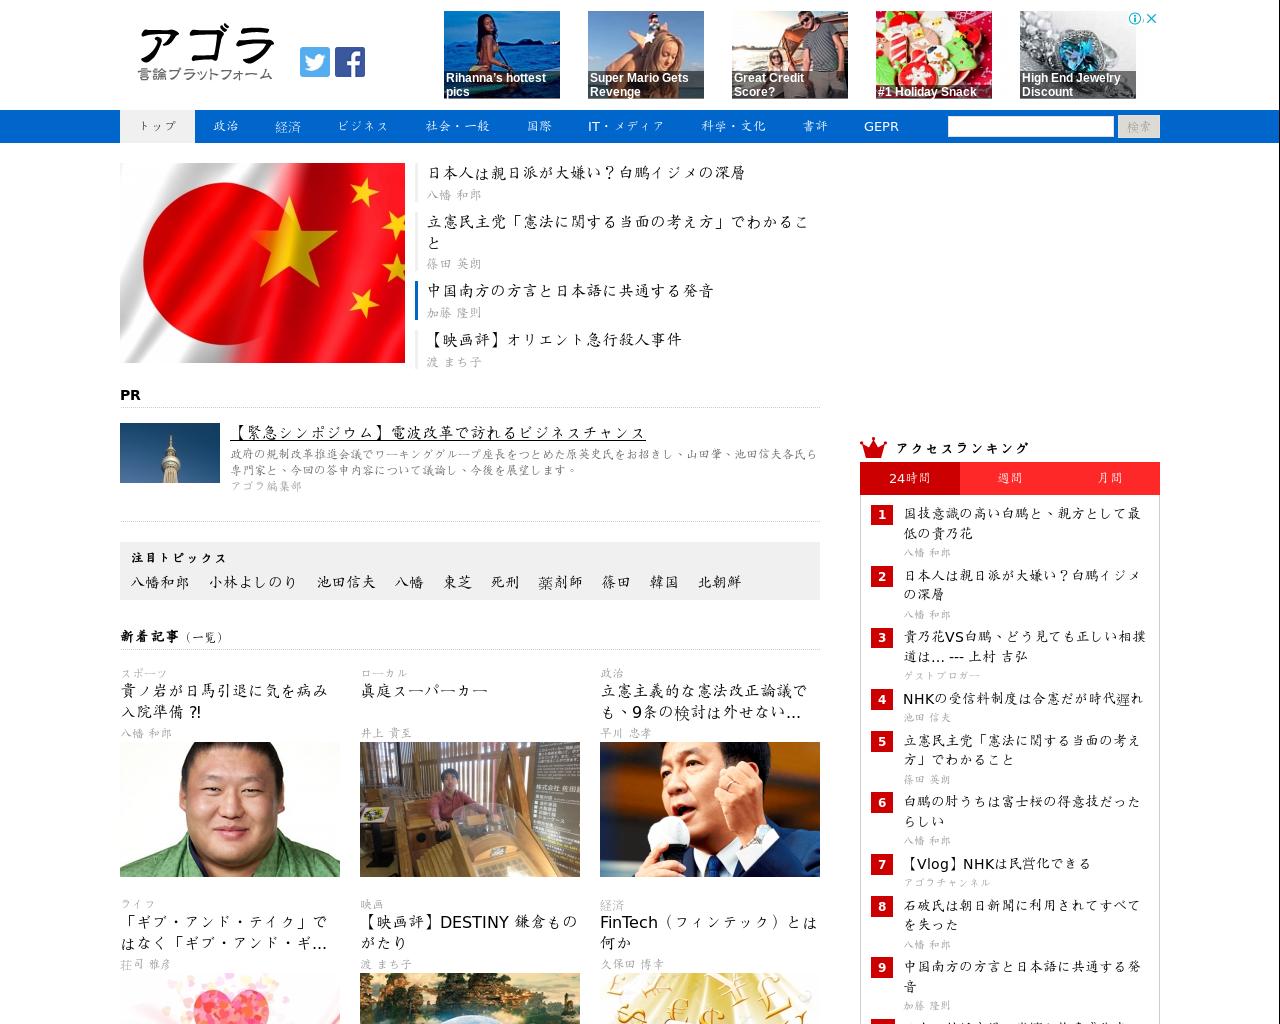 agora-web.jp(2017/12/10 07:35:28)